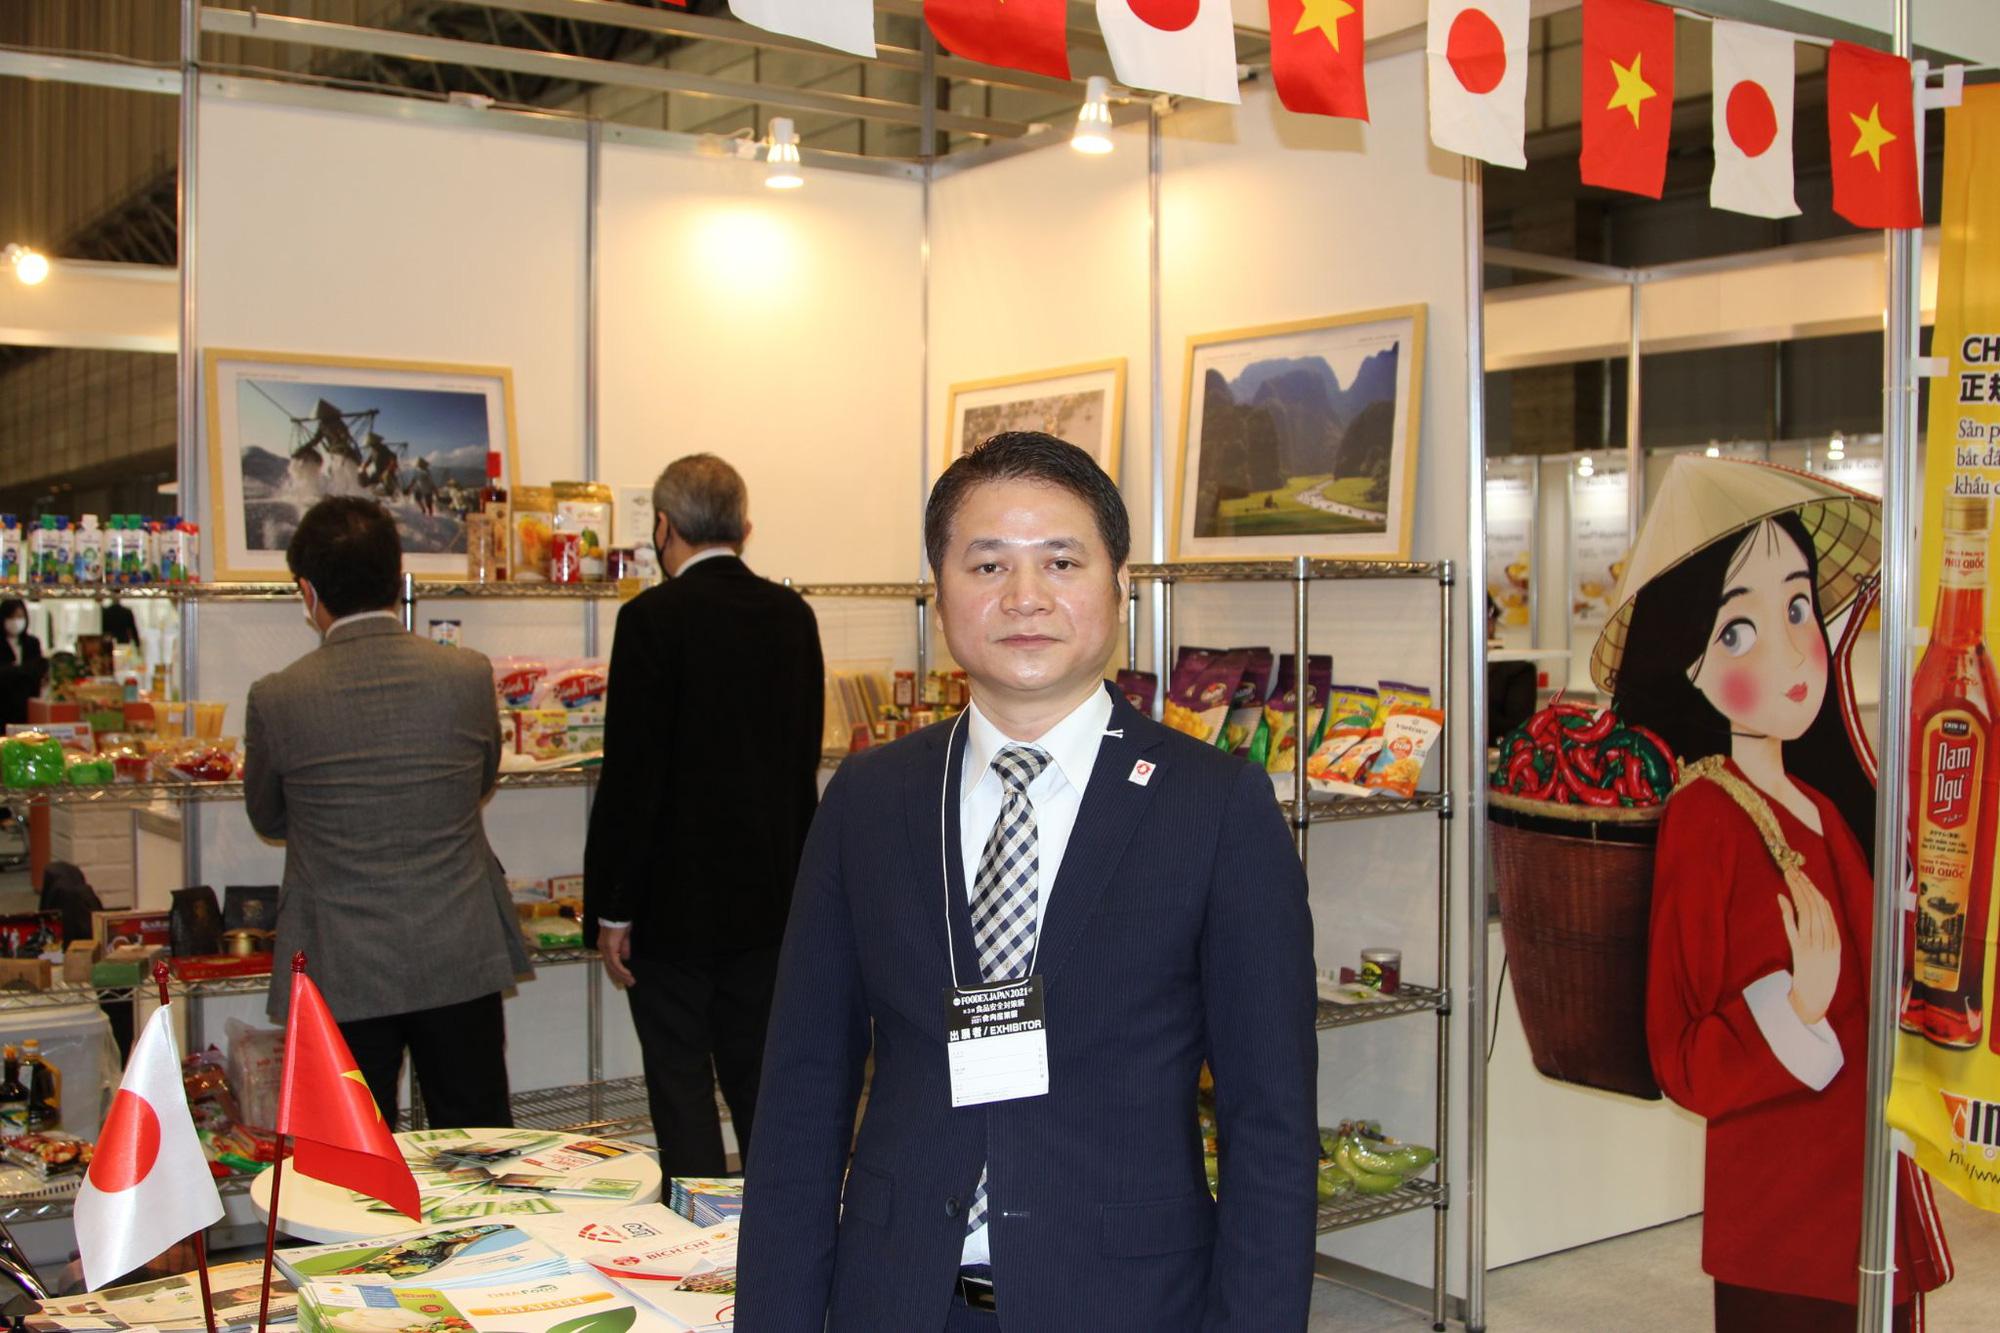 Tương ớt Việt Nam ghi dấu ấn trong triển lãm thực phẩm và đồ uống quốc tế tại Nhật - Ảnh 5.